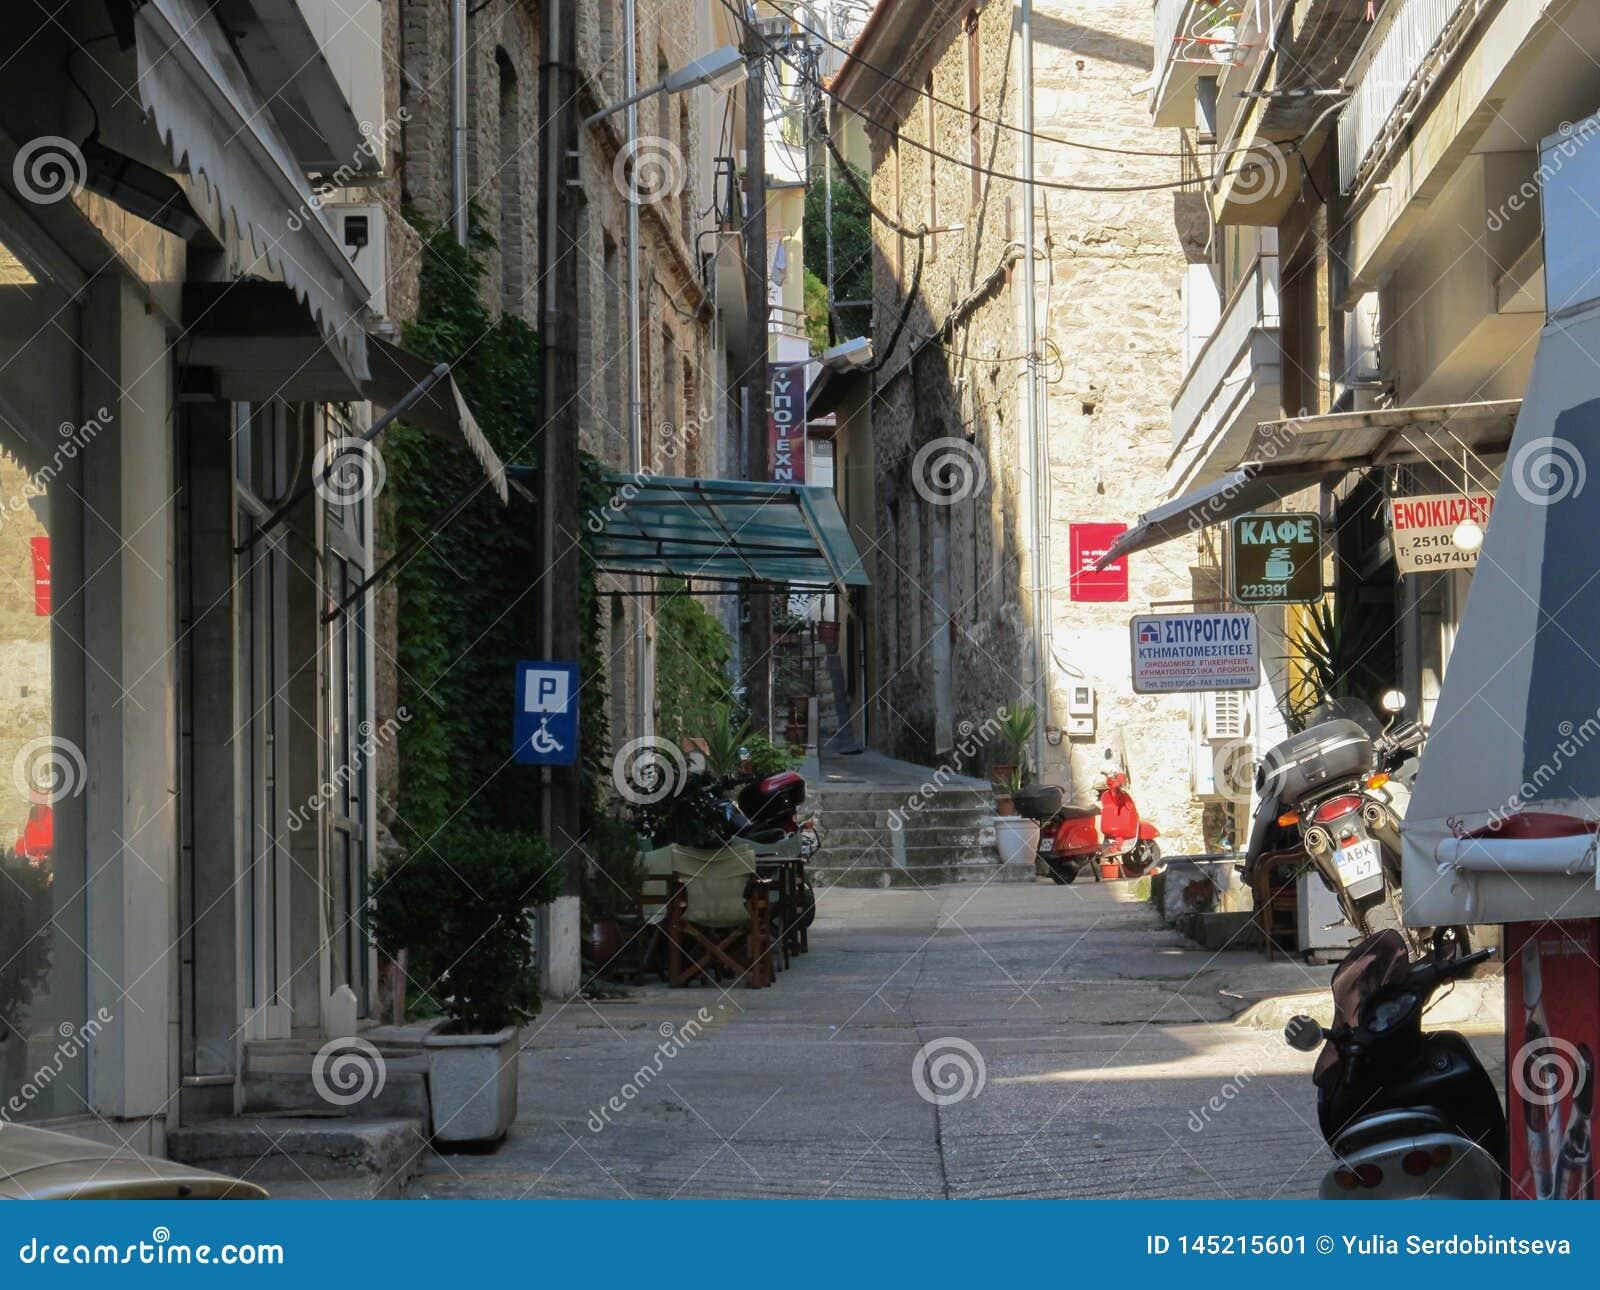 Öde sida-gata med ett parkera tecken för handikappade personer Grekland Kavala - Sertember 10, 2014